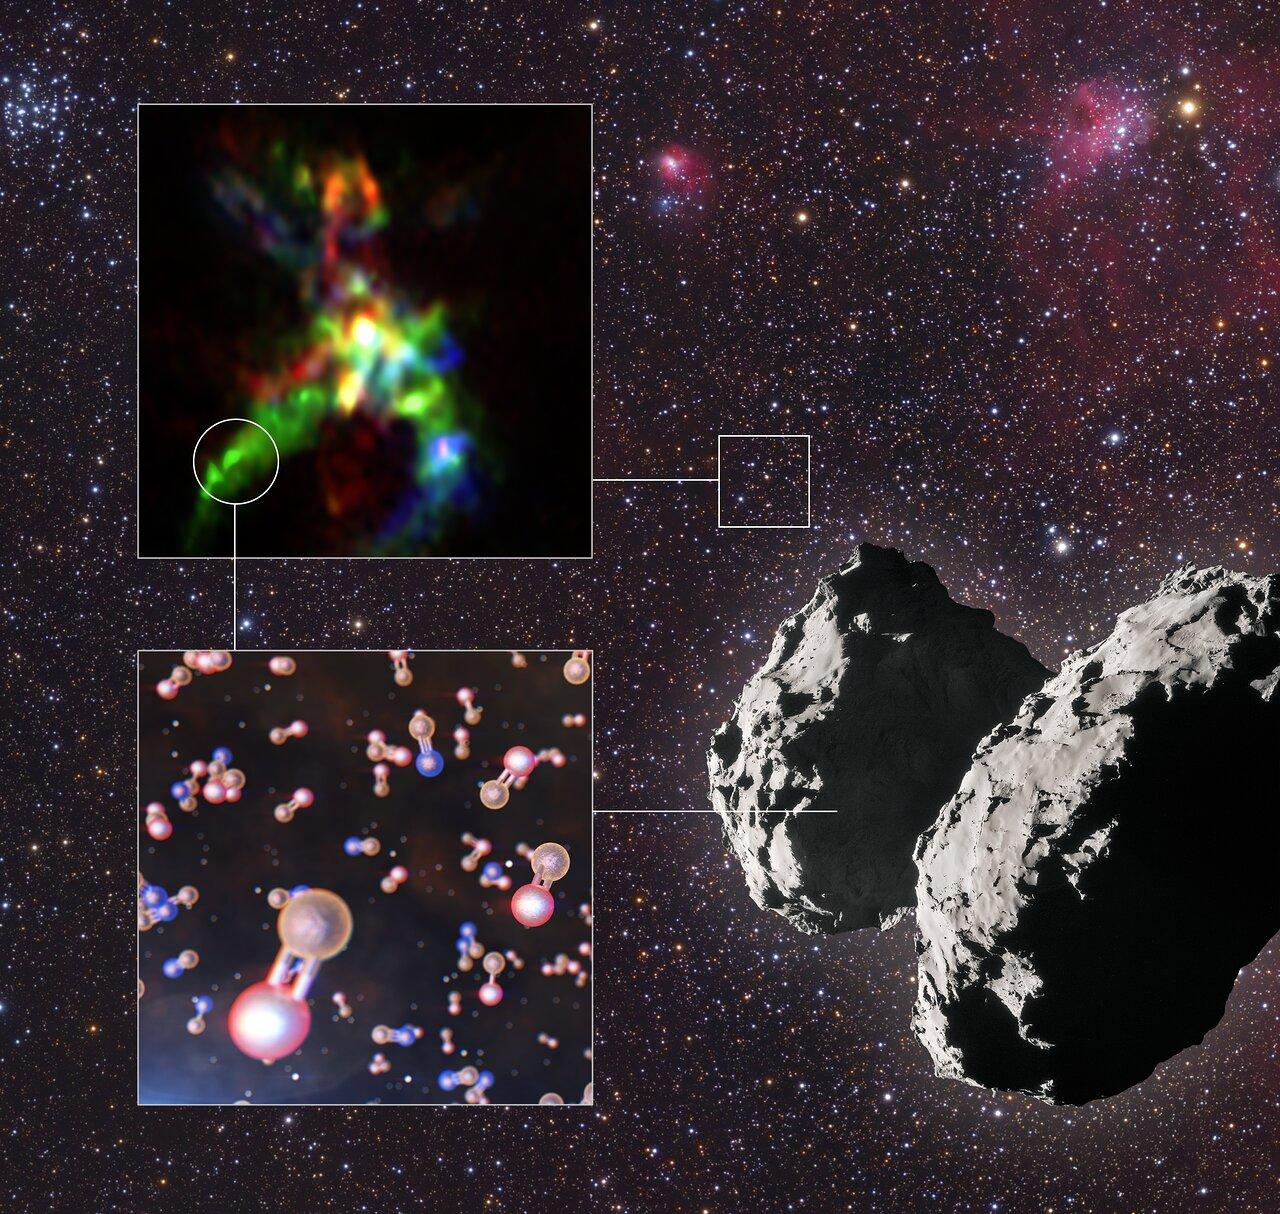 სიცოცხლისათვის გადამწყვეტი უიშვიათესი ელემენტი დედამიწაზე შეიძლება ღრმა კოსმოსიდან მოვიდა